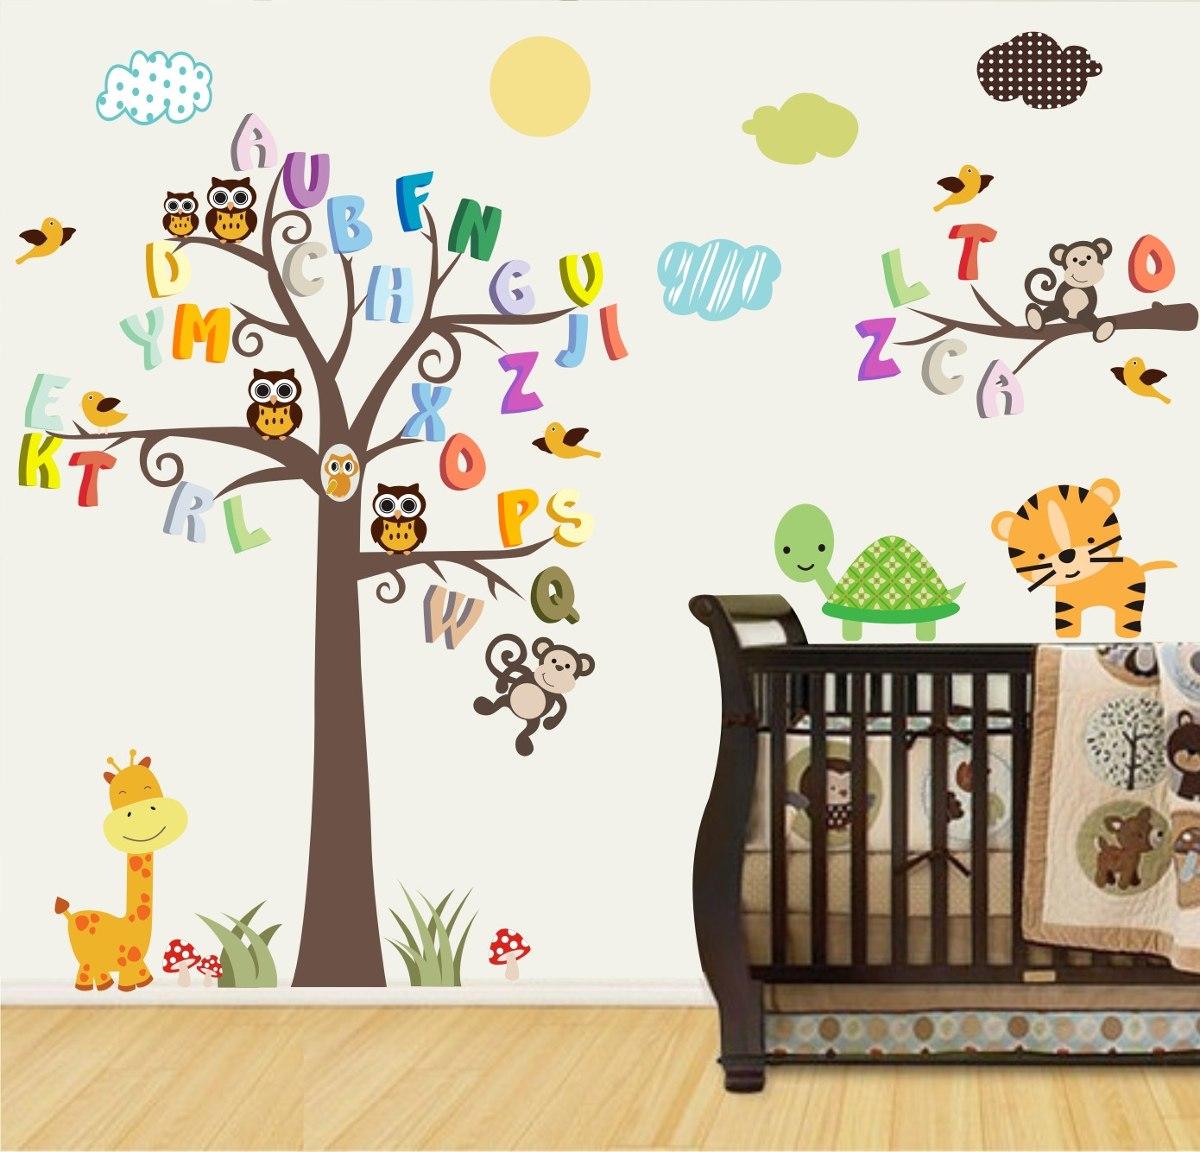 Adesivo Geladeira Inteira Mercado Livre ~ Adesivo Papel Parede Infantil Macaco Safari Animais Zoo M99 R$ 148,00 em Mercado Livre